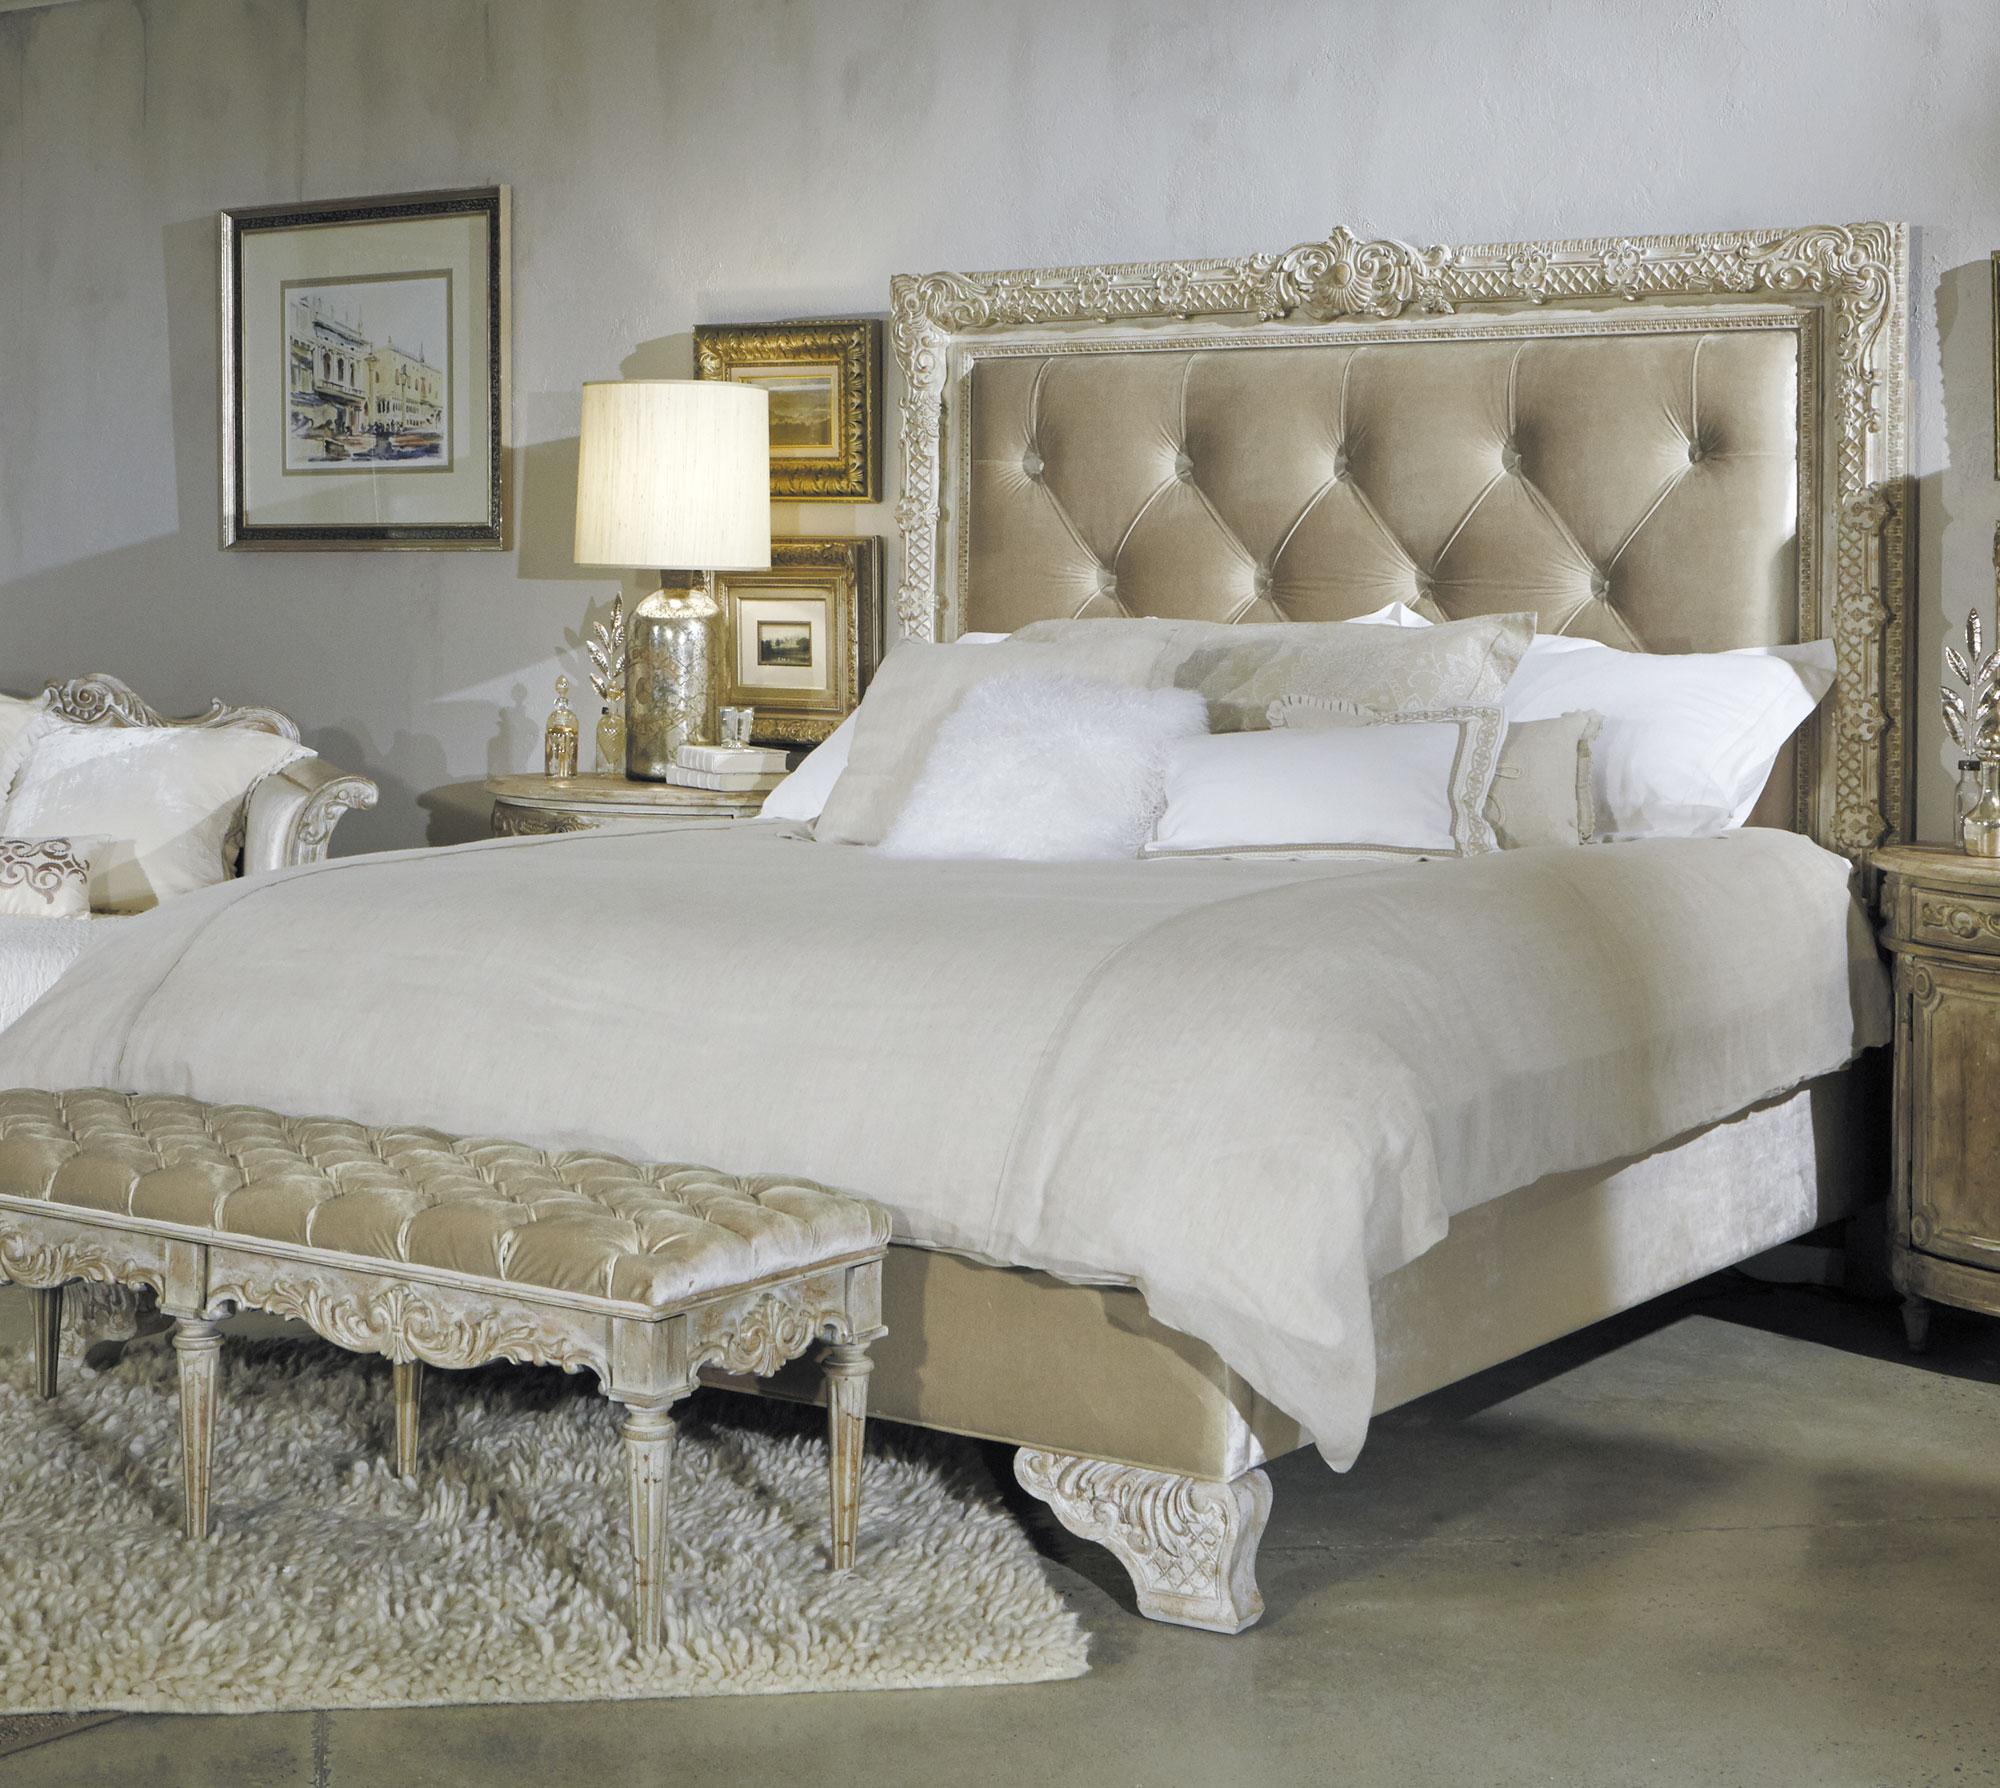 Pulaski Furniture Bedroom Sets Queen Ardenay Upholstered Bed Pulaski Home Gallery Stores